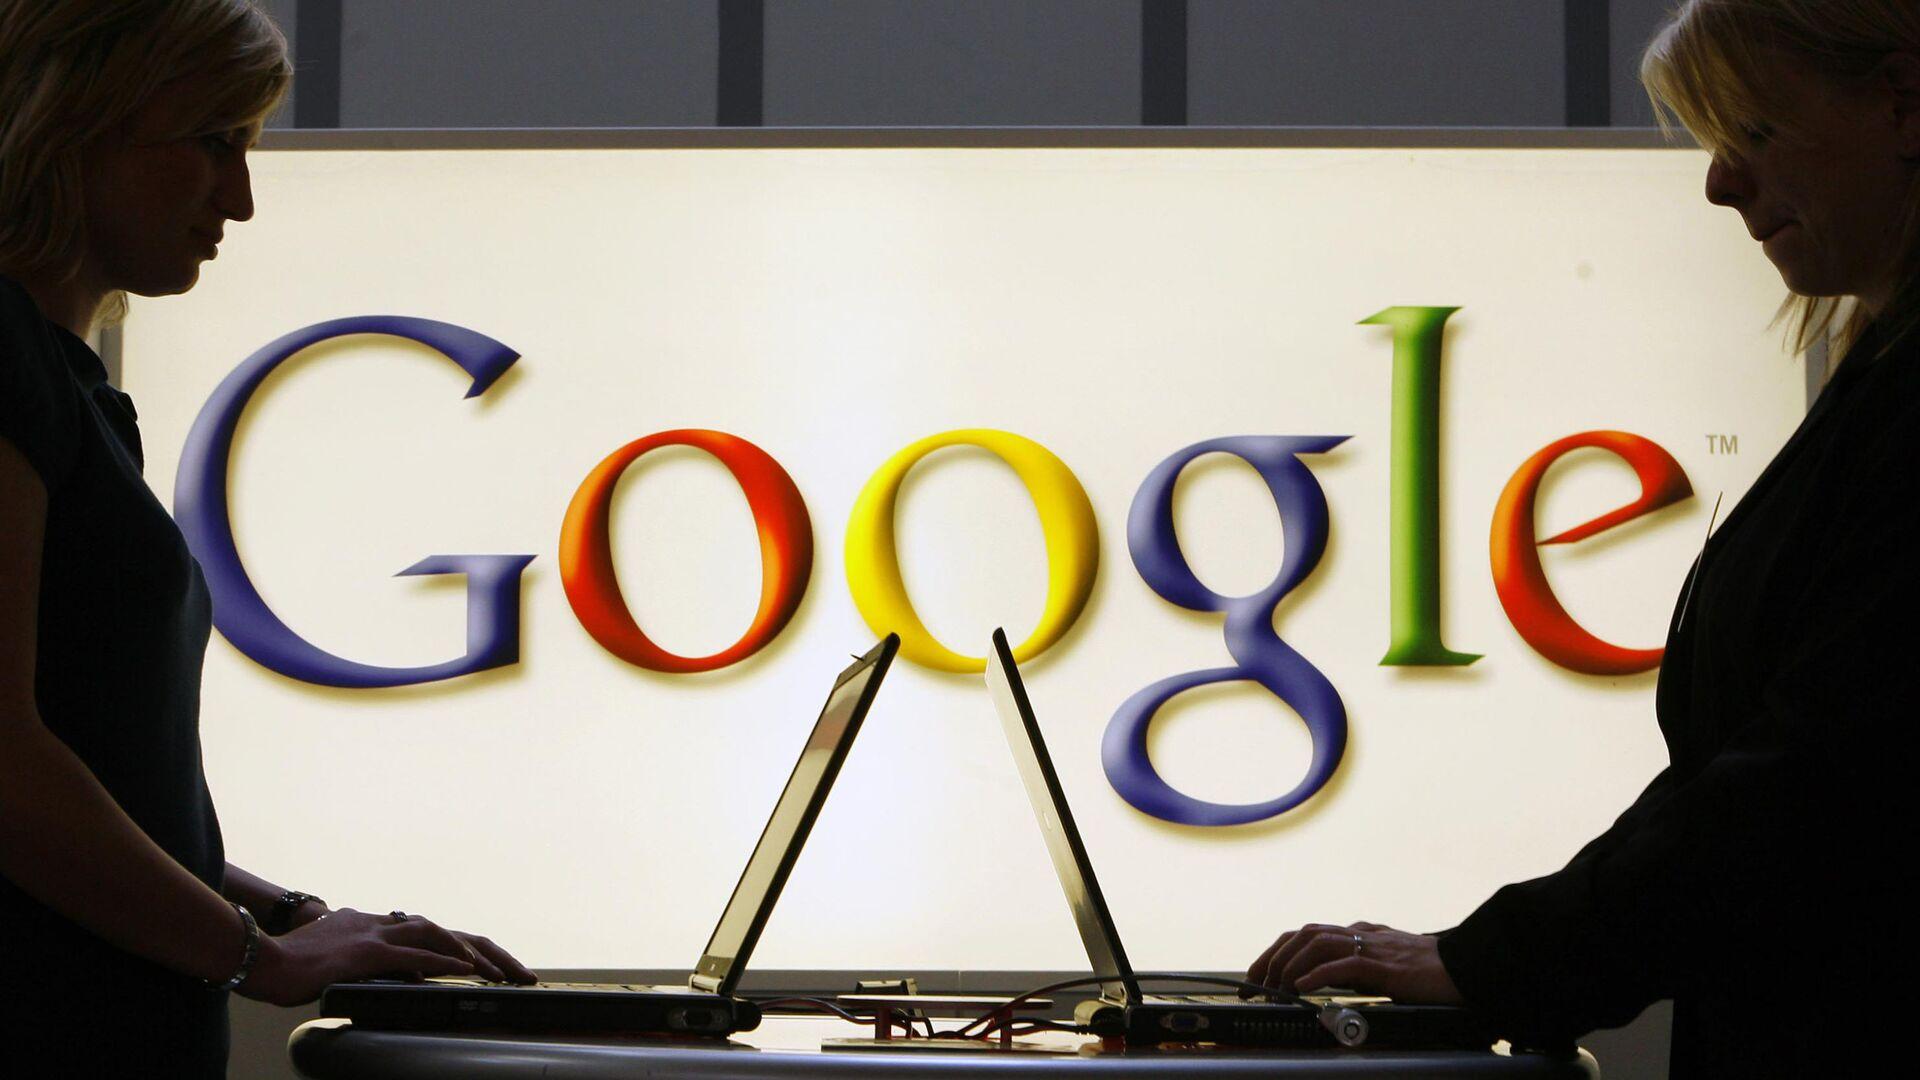 Суд в Москве оштрафовал Google на 6,5 миллиона рублей за неудаление запрещенного контента